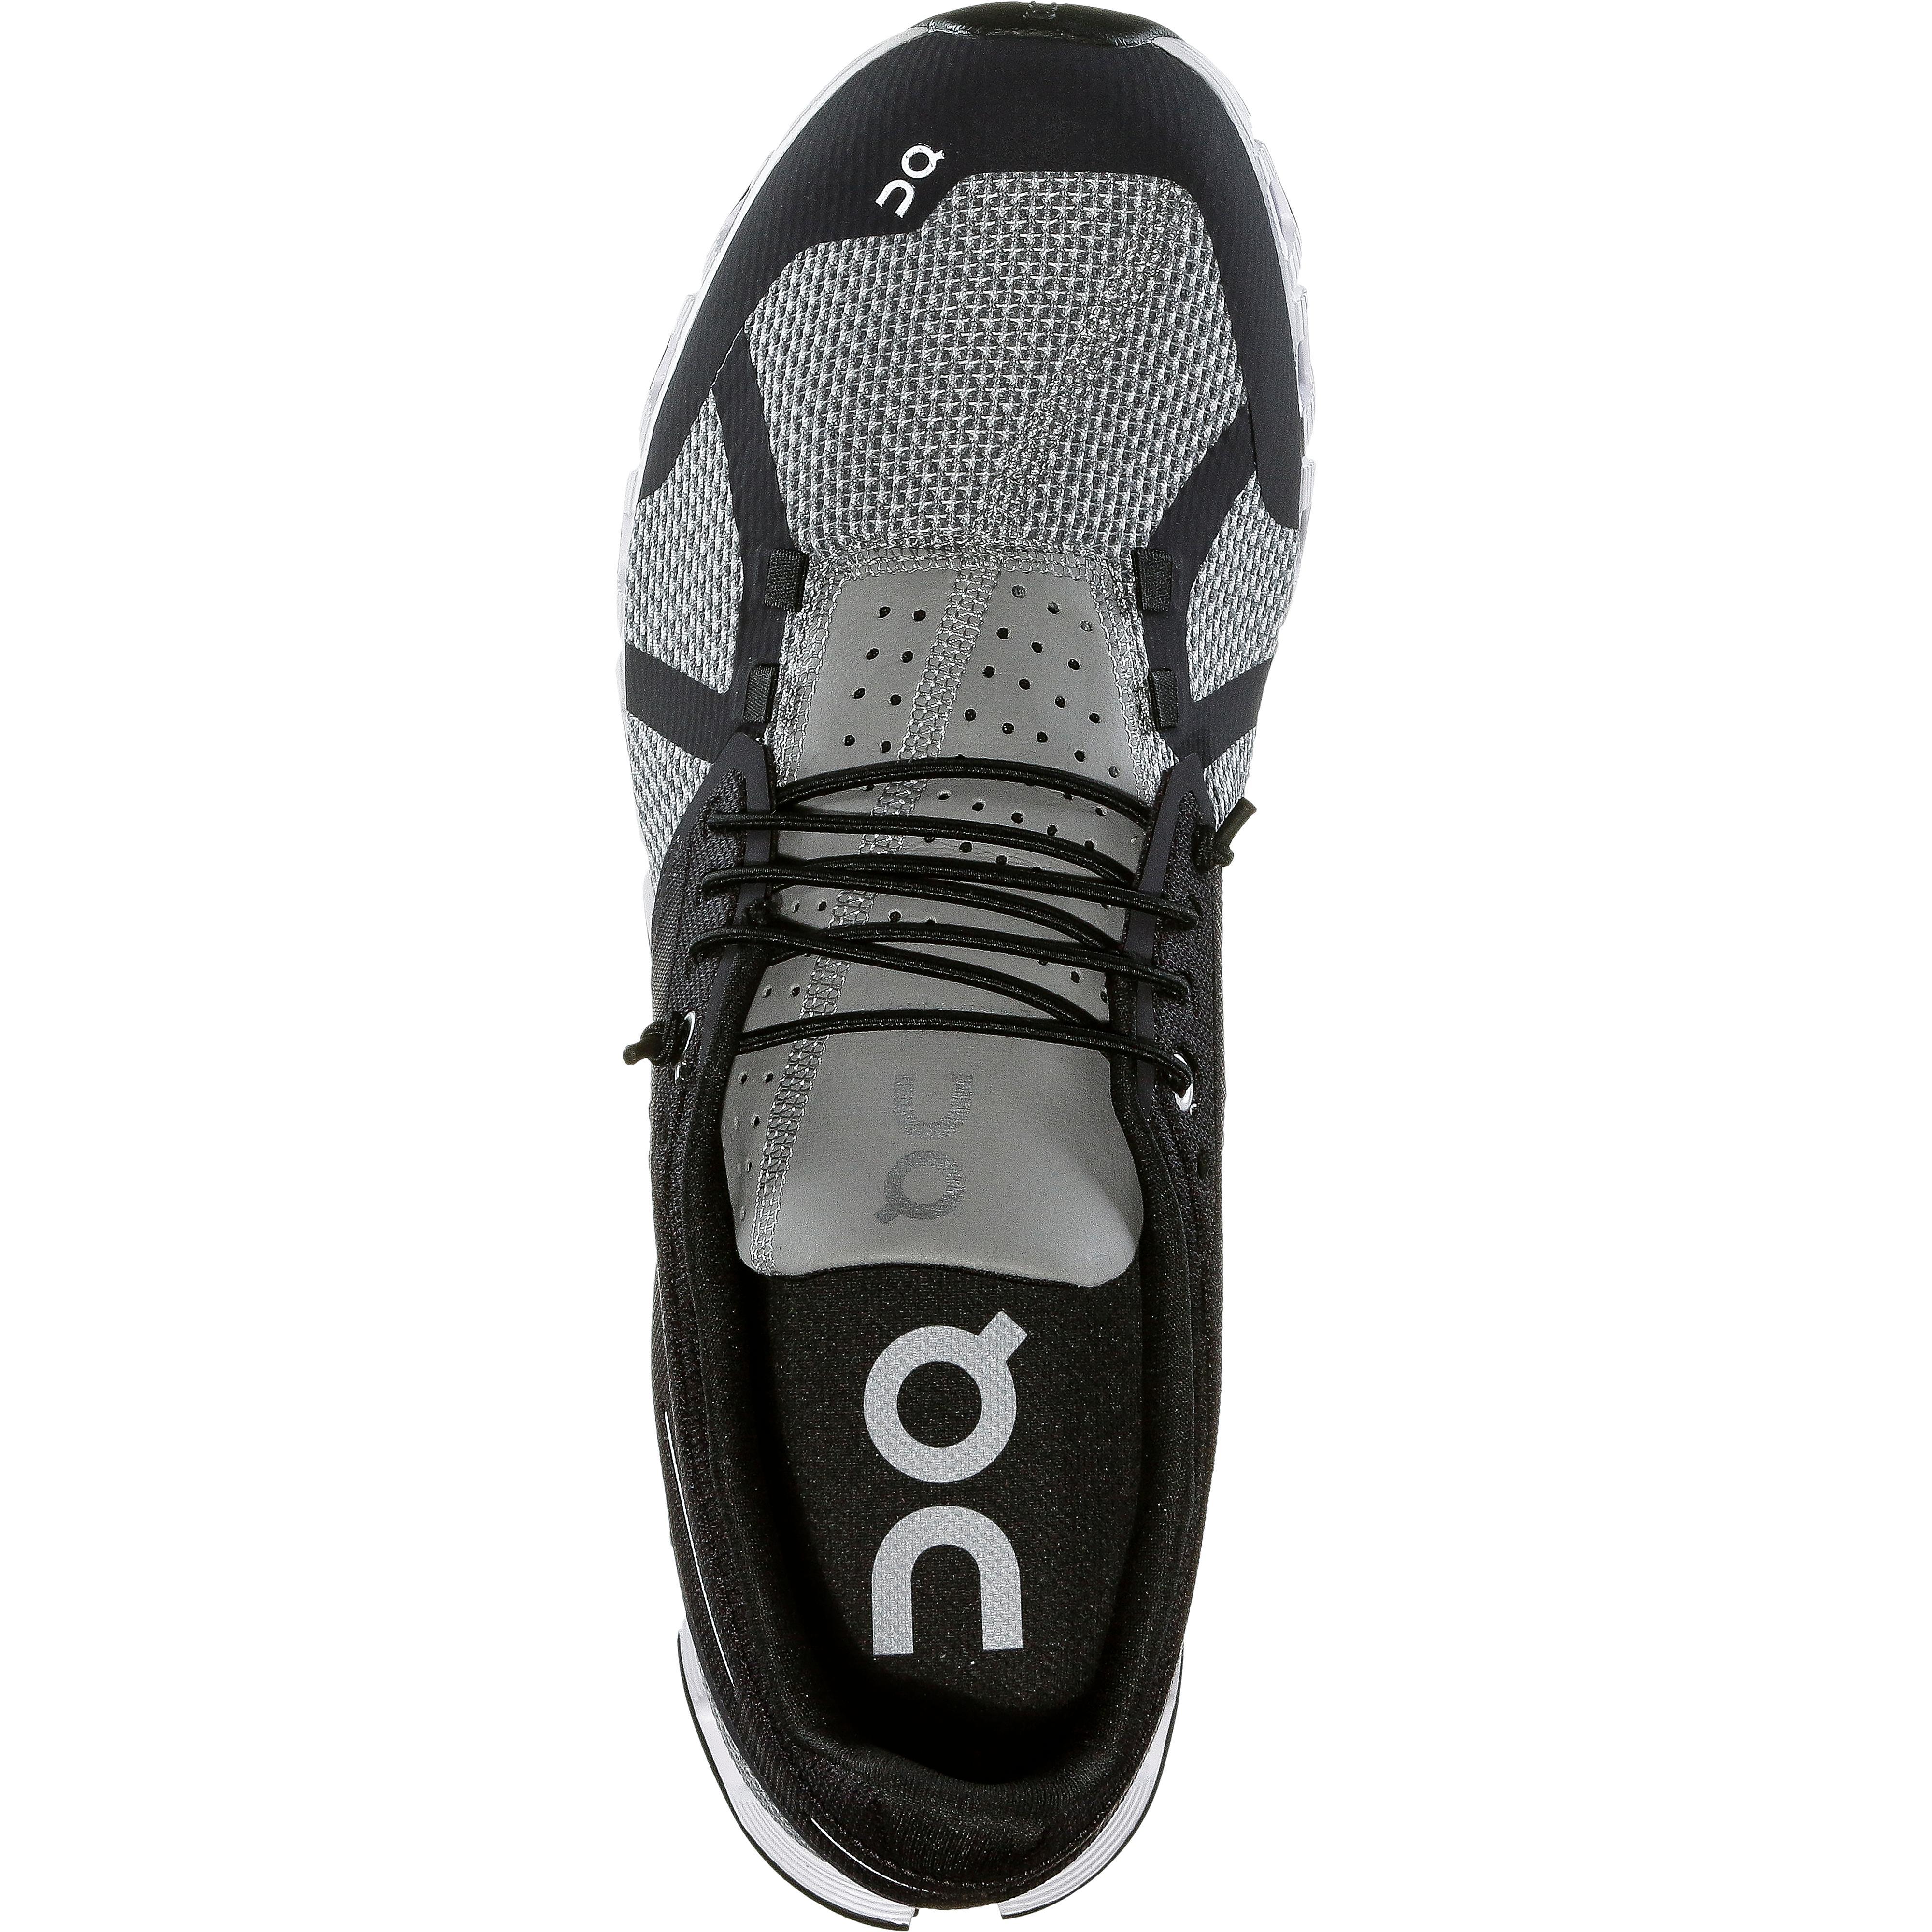 ON Cloud Laufschuhe Herren schwarz-slate schwarz-slate schwarz-slate im Online Shop von SportScheck kaufen Gute Qualität beliebte Schuhe 4a597e